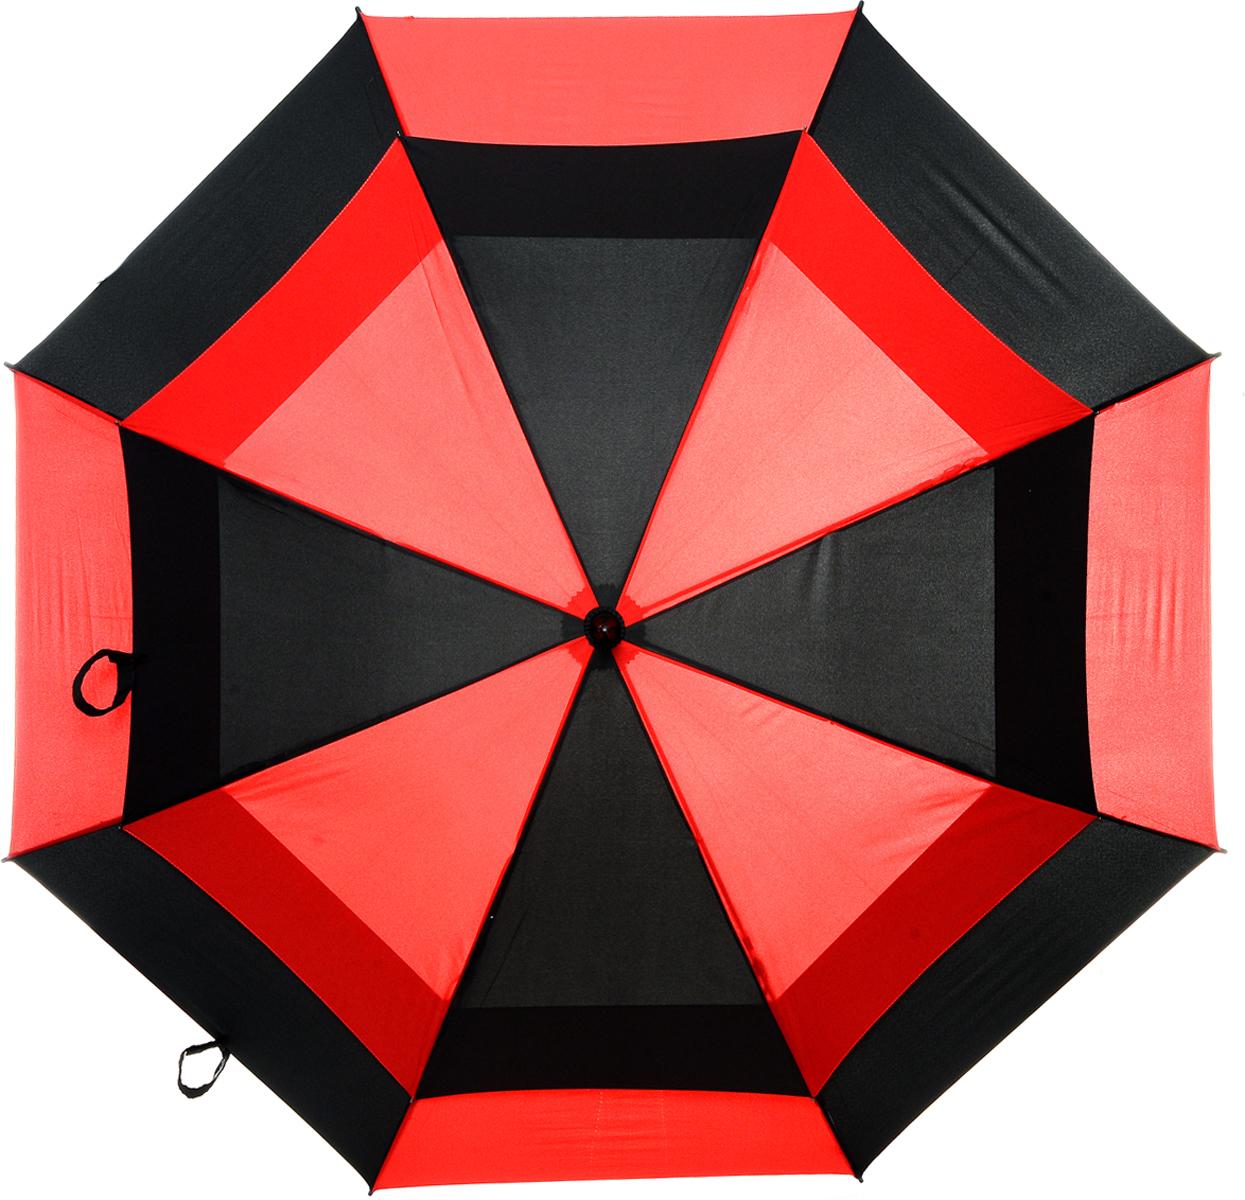 Зонт-гольфер мужской Fulton Stormshield, механический, цвет: черный, красный. S669-216845100032/35449/3537AМеханический мужской зонт-гольфер Fulton Clearview надежно защитит вас от дождя. Каркас зонта включает 8 спиц из фибергласса с пластиковыми наконечниками. Стержень также изготовлен из фибергласса. Купол зонта выполнен из высококачественного полиэстера и оформлен оригинальным принтом. Изделие дополнено удобной пластиковой рукояткой с каучуковым покрытием.Зонт механического сложения: купол открывается и закрывается вручную до характерного щелчка. Модель дополнительно застегивается с помощью хлястика на липучку. В комплект также входит чехол на липучке.Такой зонт станет стильным аксессуаром, который подчеркнет ваш образ.